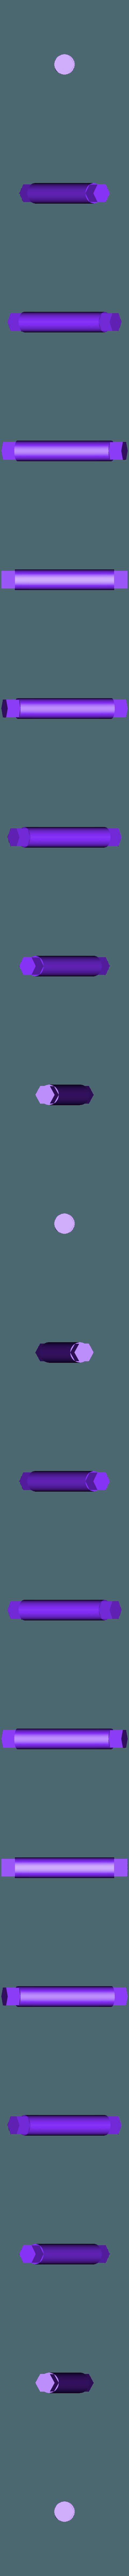 Axle_Gear_Idler_Large.stl Télécharger fichier STL gratuit Tabletop Tri-Mode Spring Motor Rolling Chassis • Design pour imprimante 3D, gzumwalt